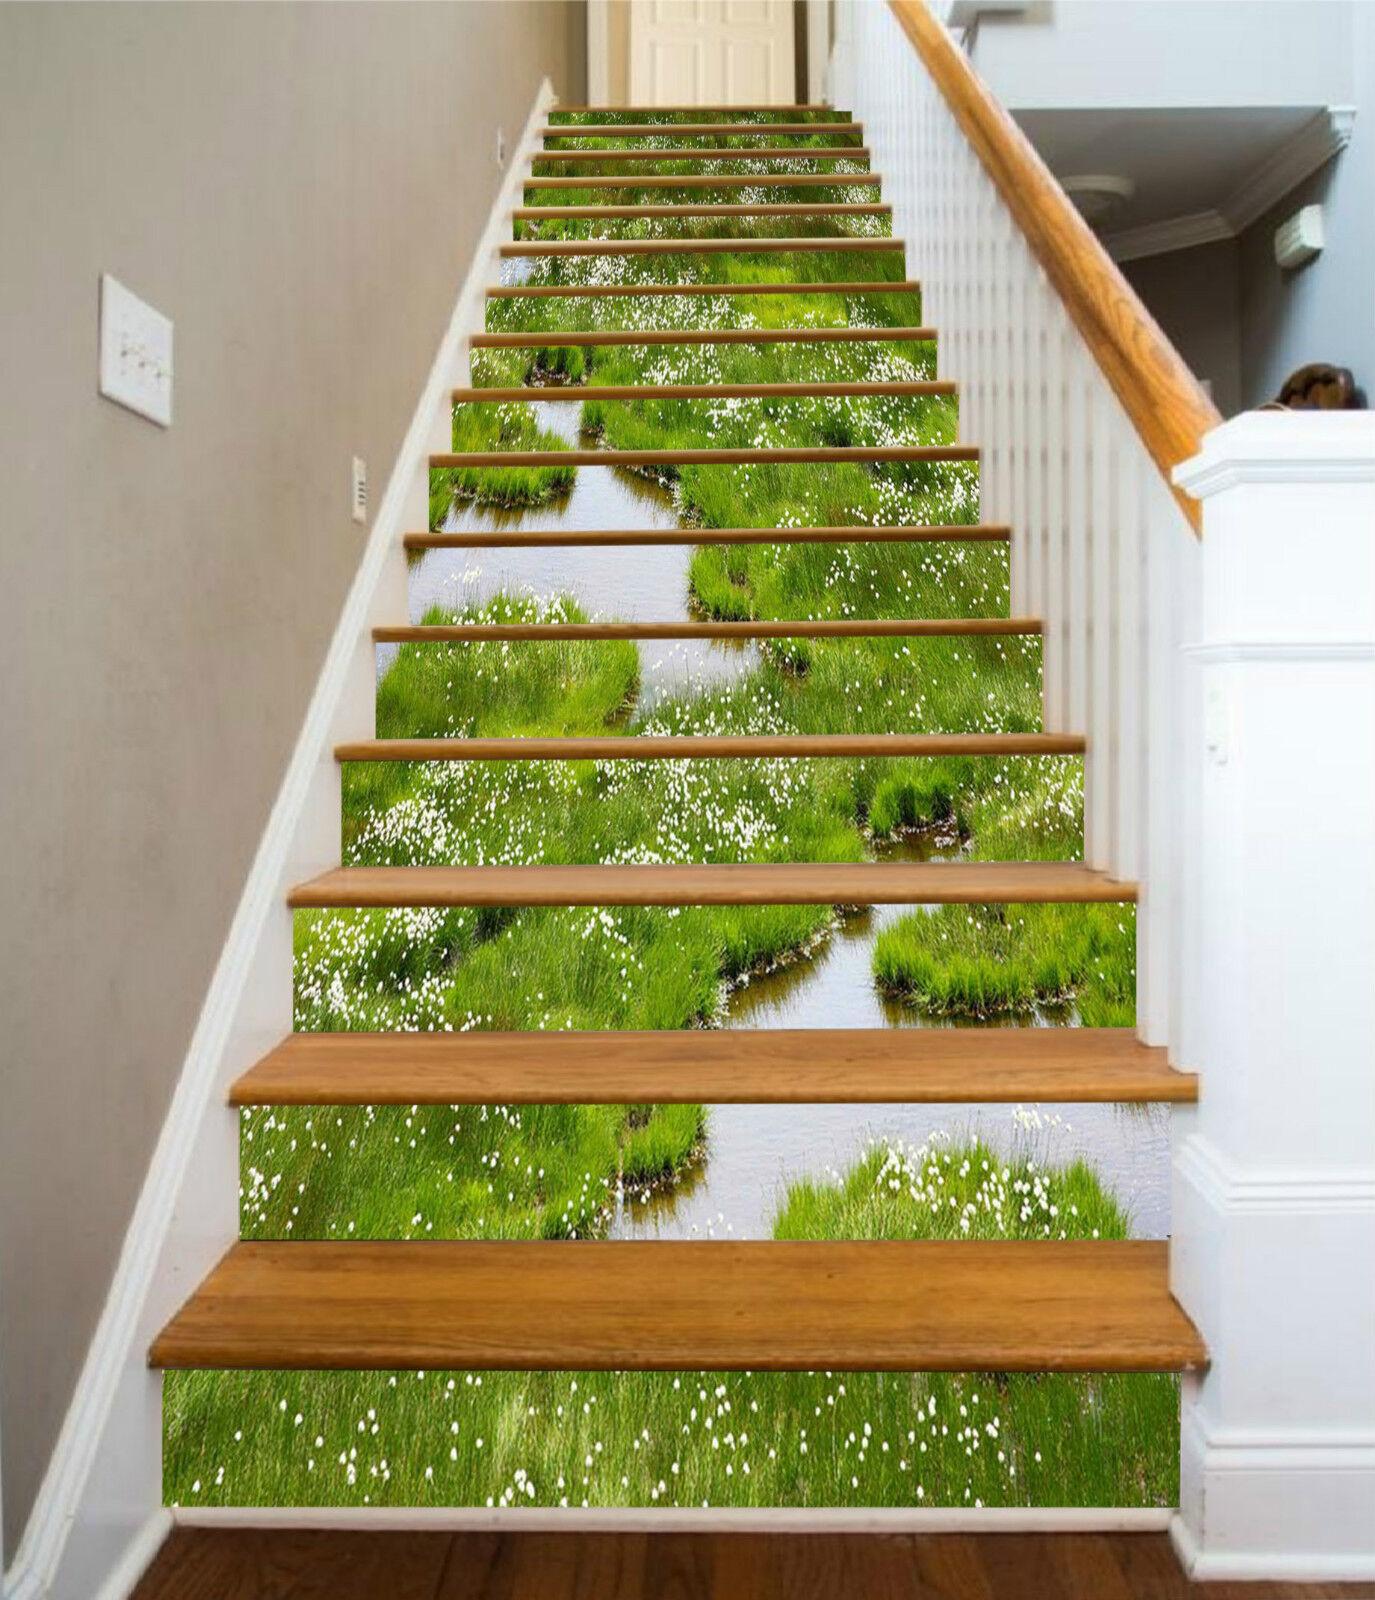 3D Grünes Gras 327 Stair Risers Dekoration Fototapete Vinyl Aufkleber Tapete DE